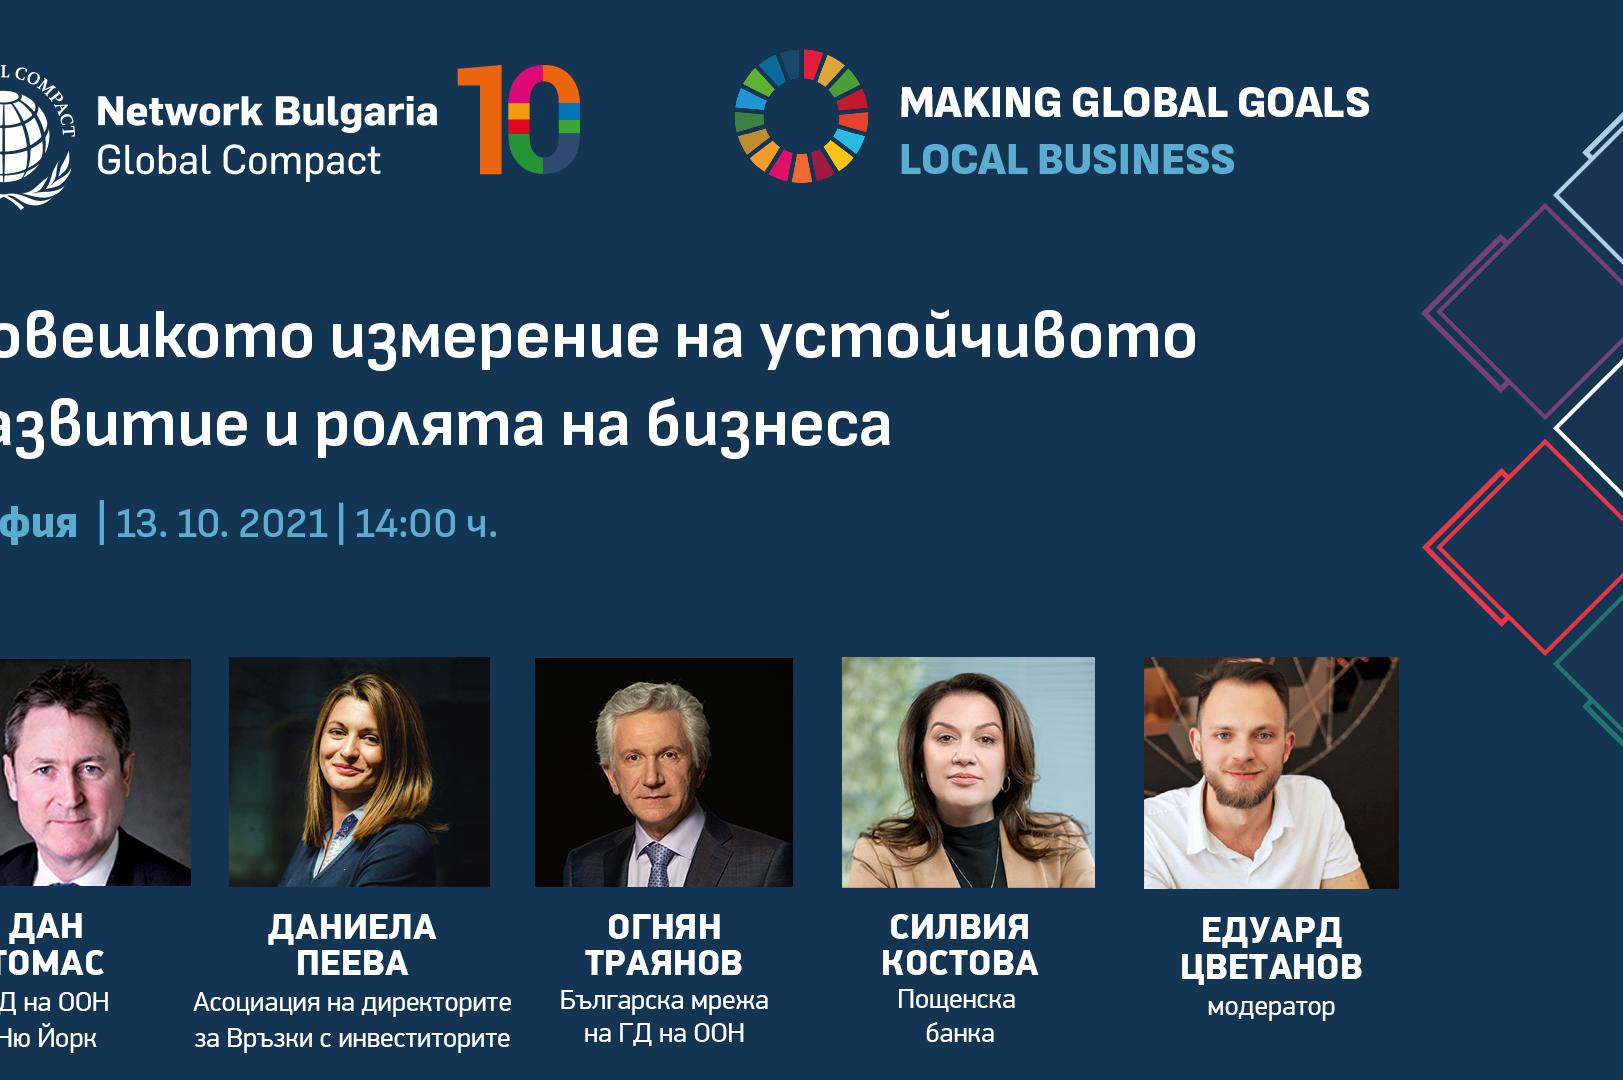 София тех парк – домакин на международен бизнес форум